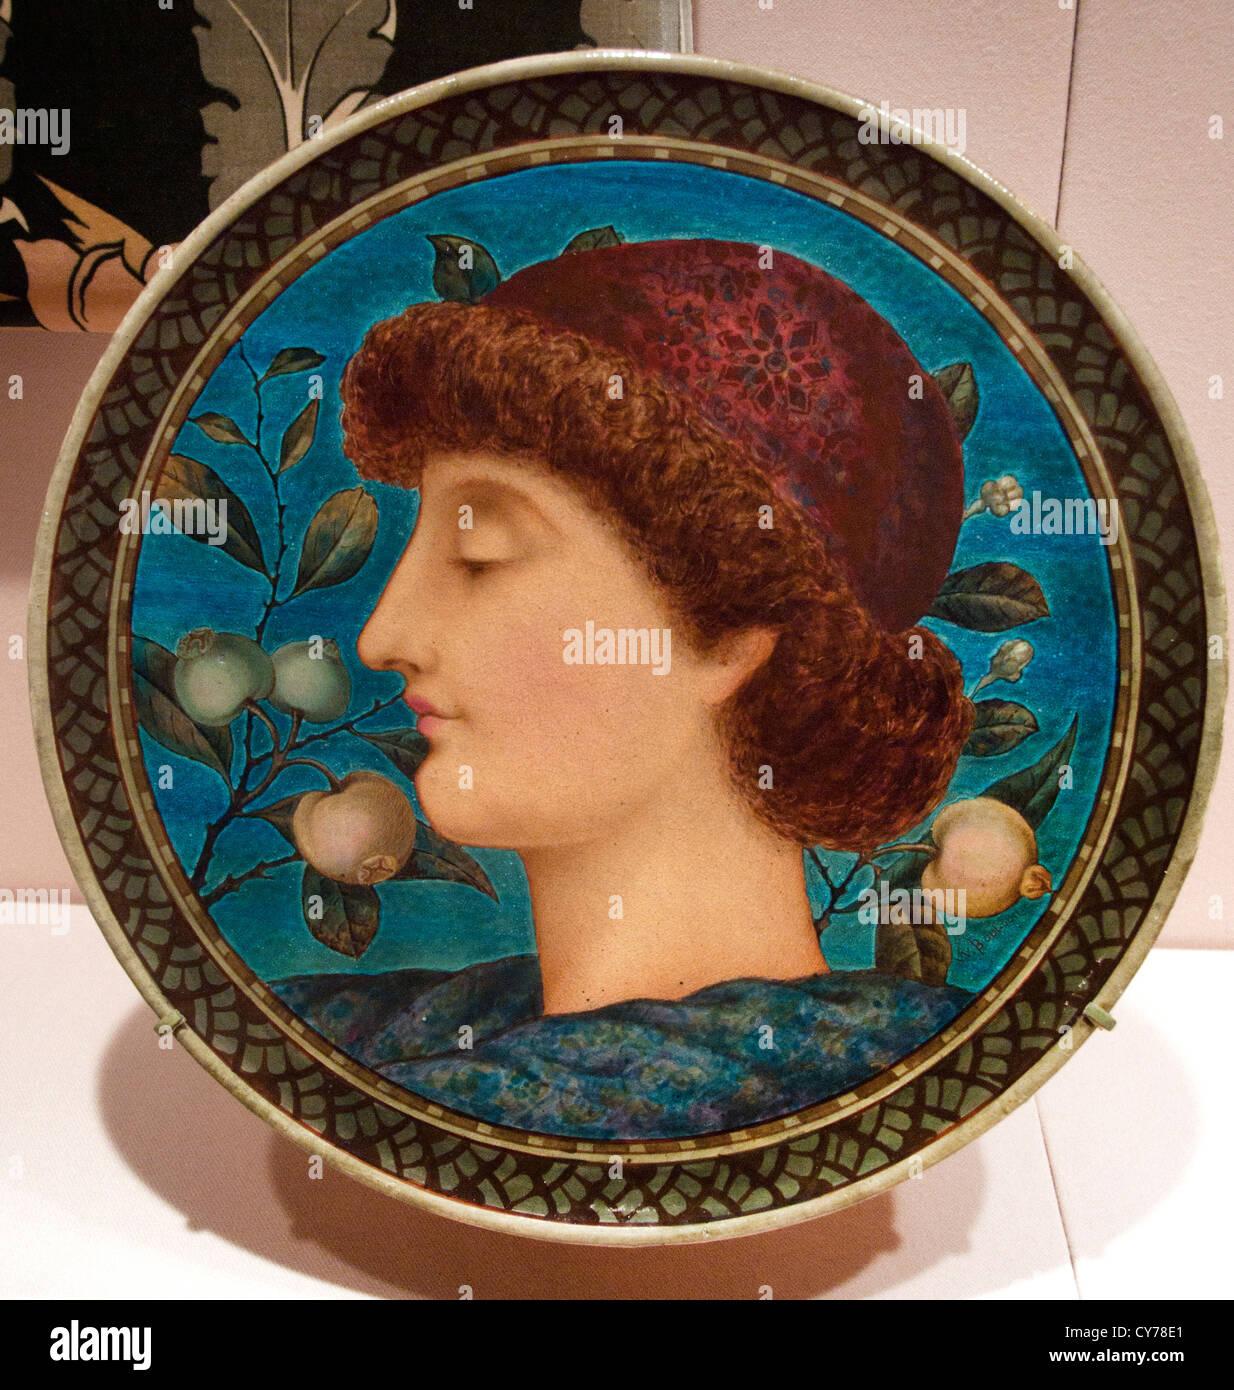 Piastra piatto W. Boulton 1880 English Staffordshire Copeland terraglia 36,8 cm ceramica Immagini Stock